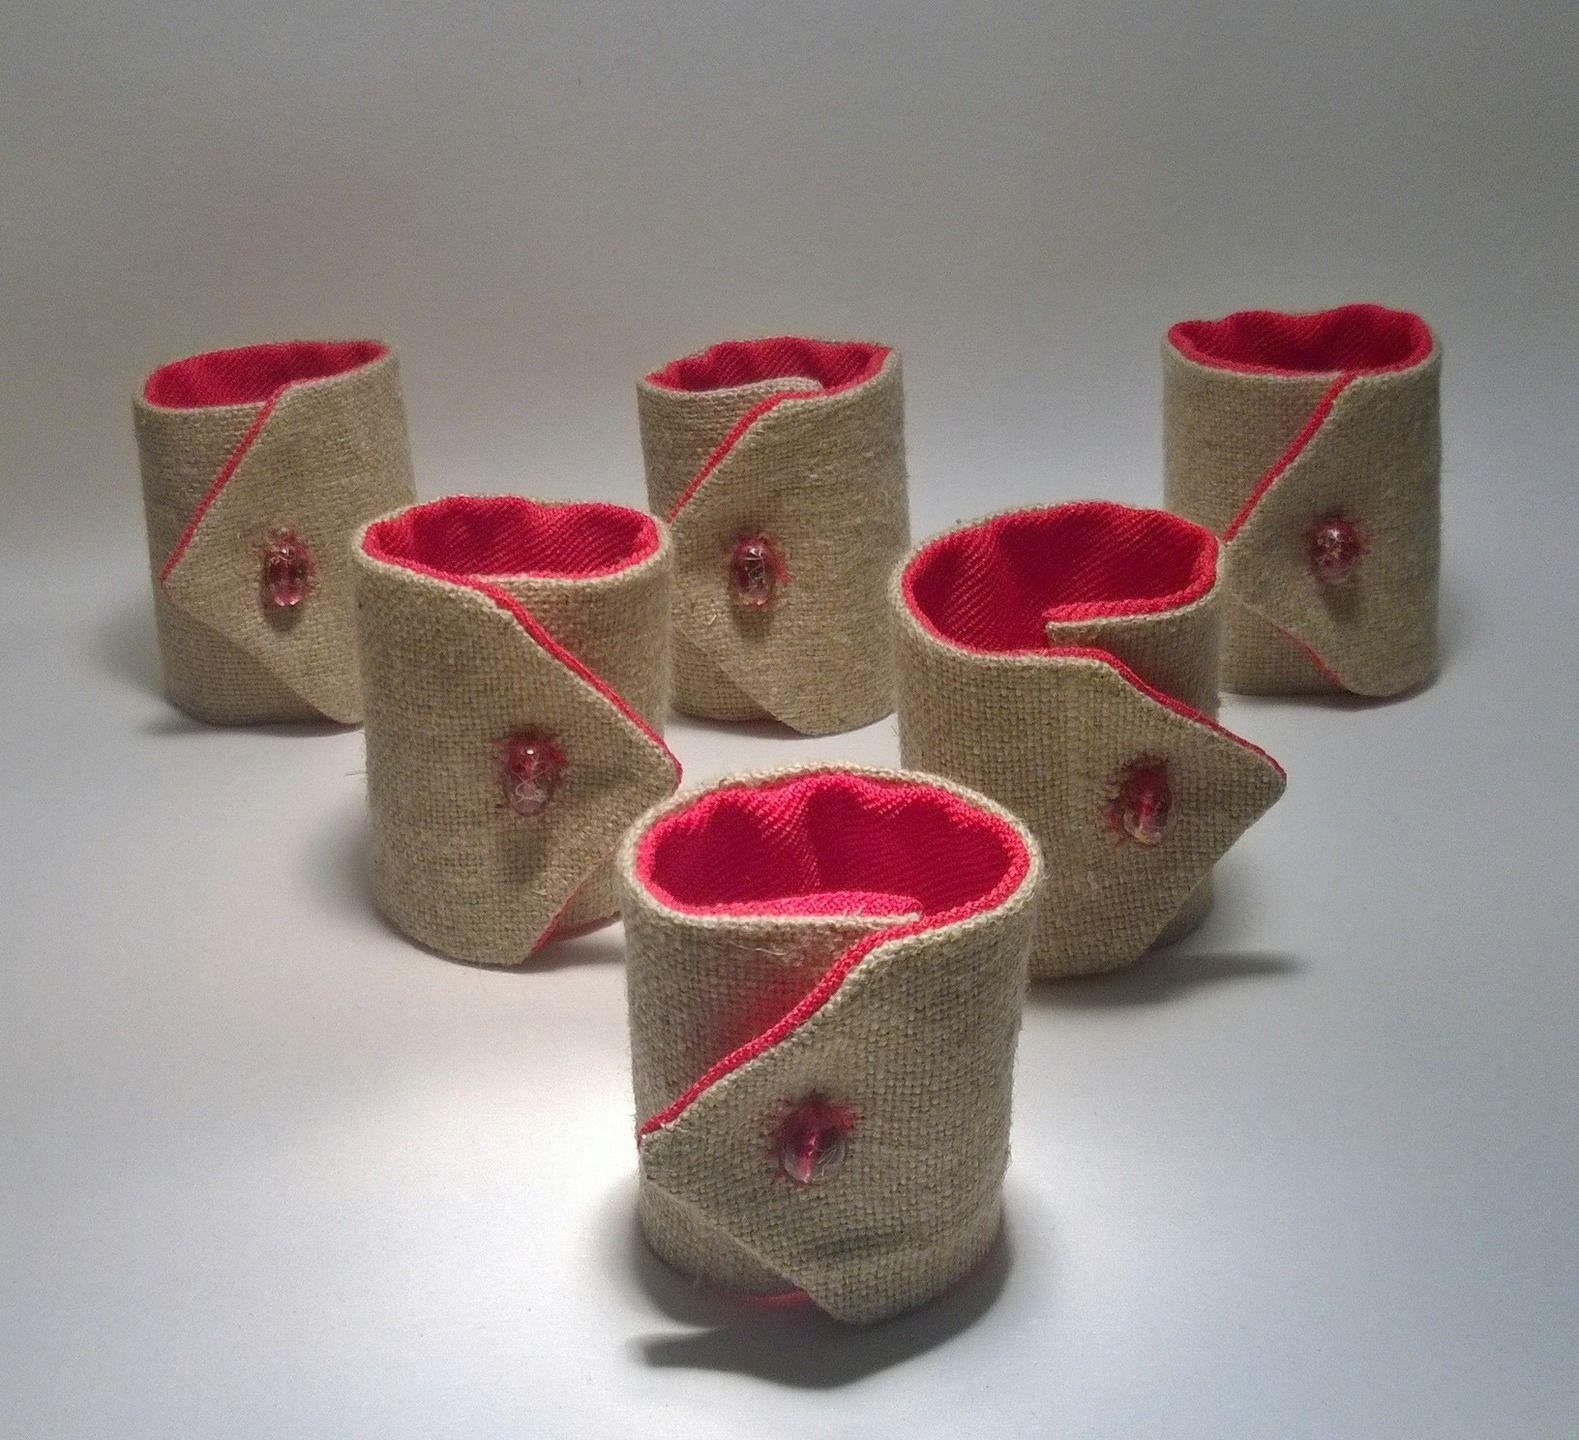 lot de 6 ronds de serviette en toile de jute et tissu rouge cuisine et service de table